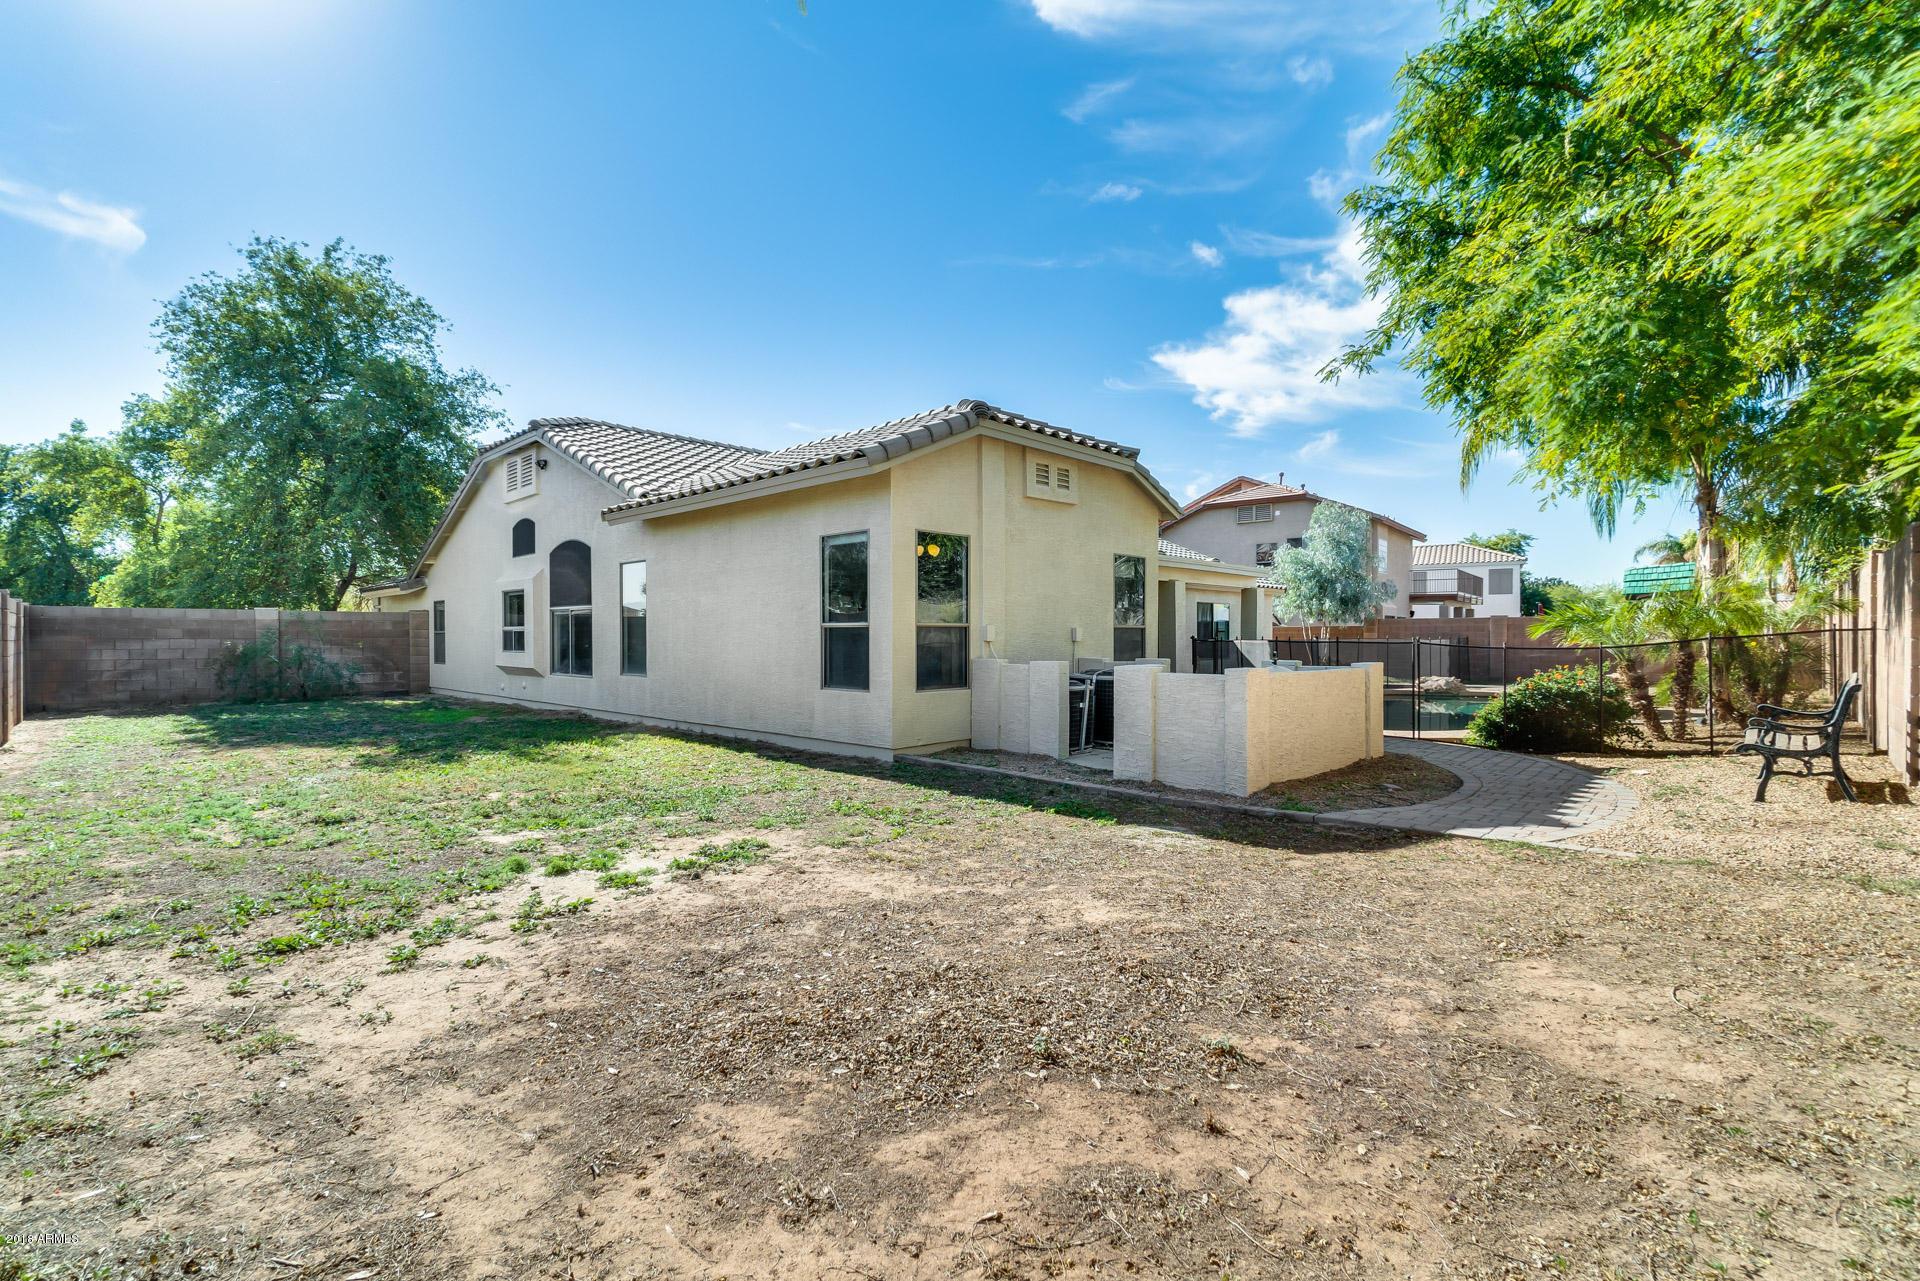 MLS 5851616 16332 W PIERCE Street, Goodyear, AZ 85338 Goodyear AZ Canyon Trails